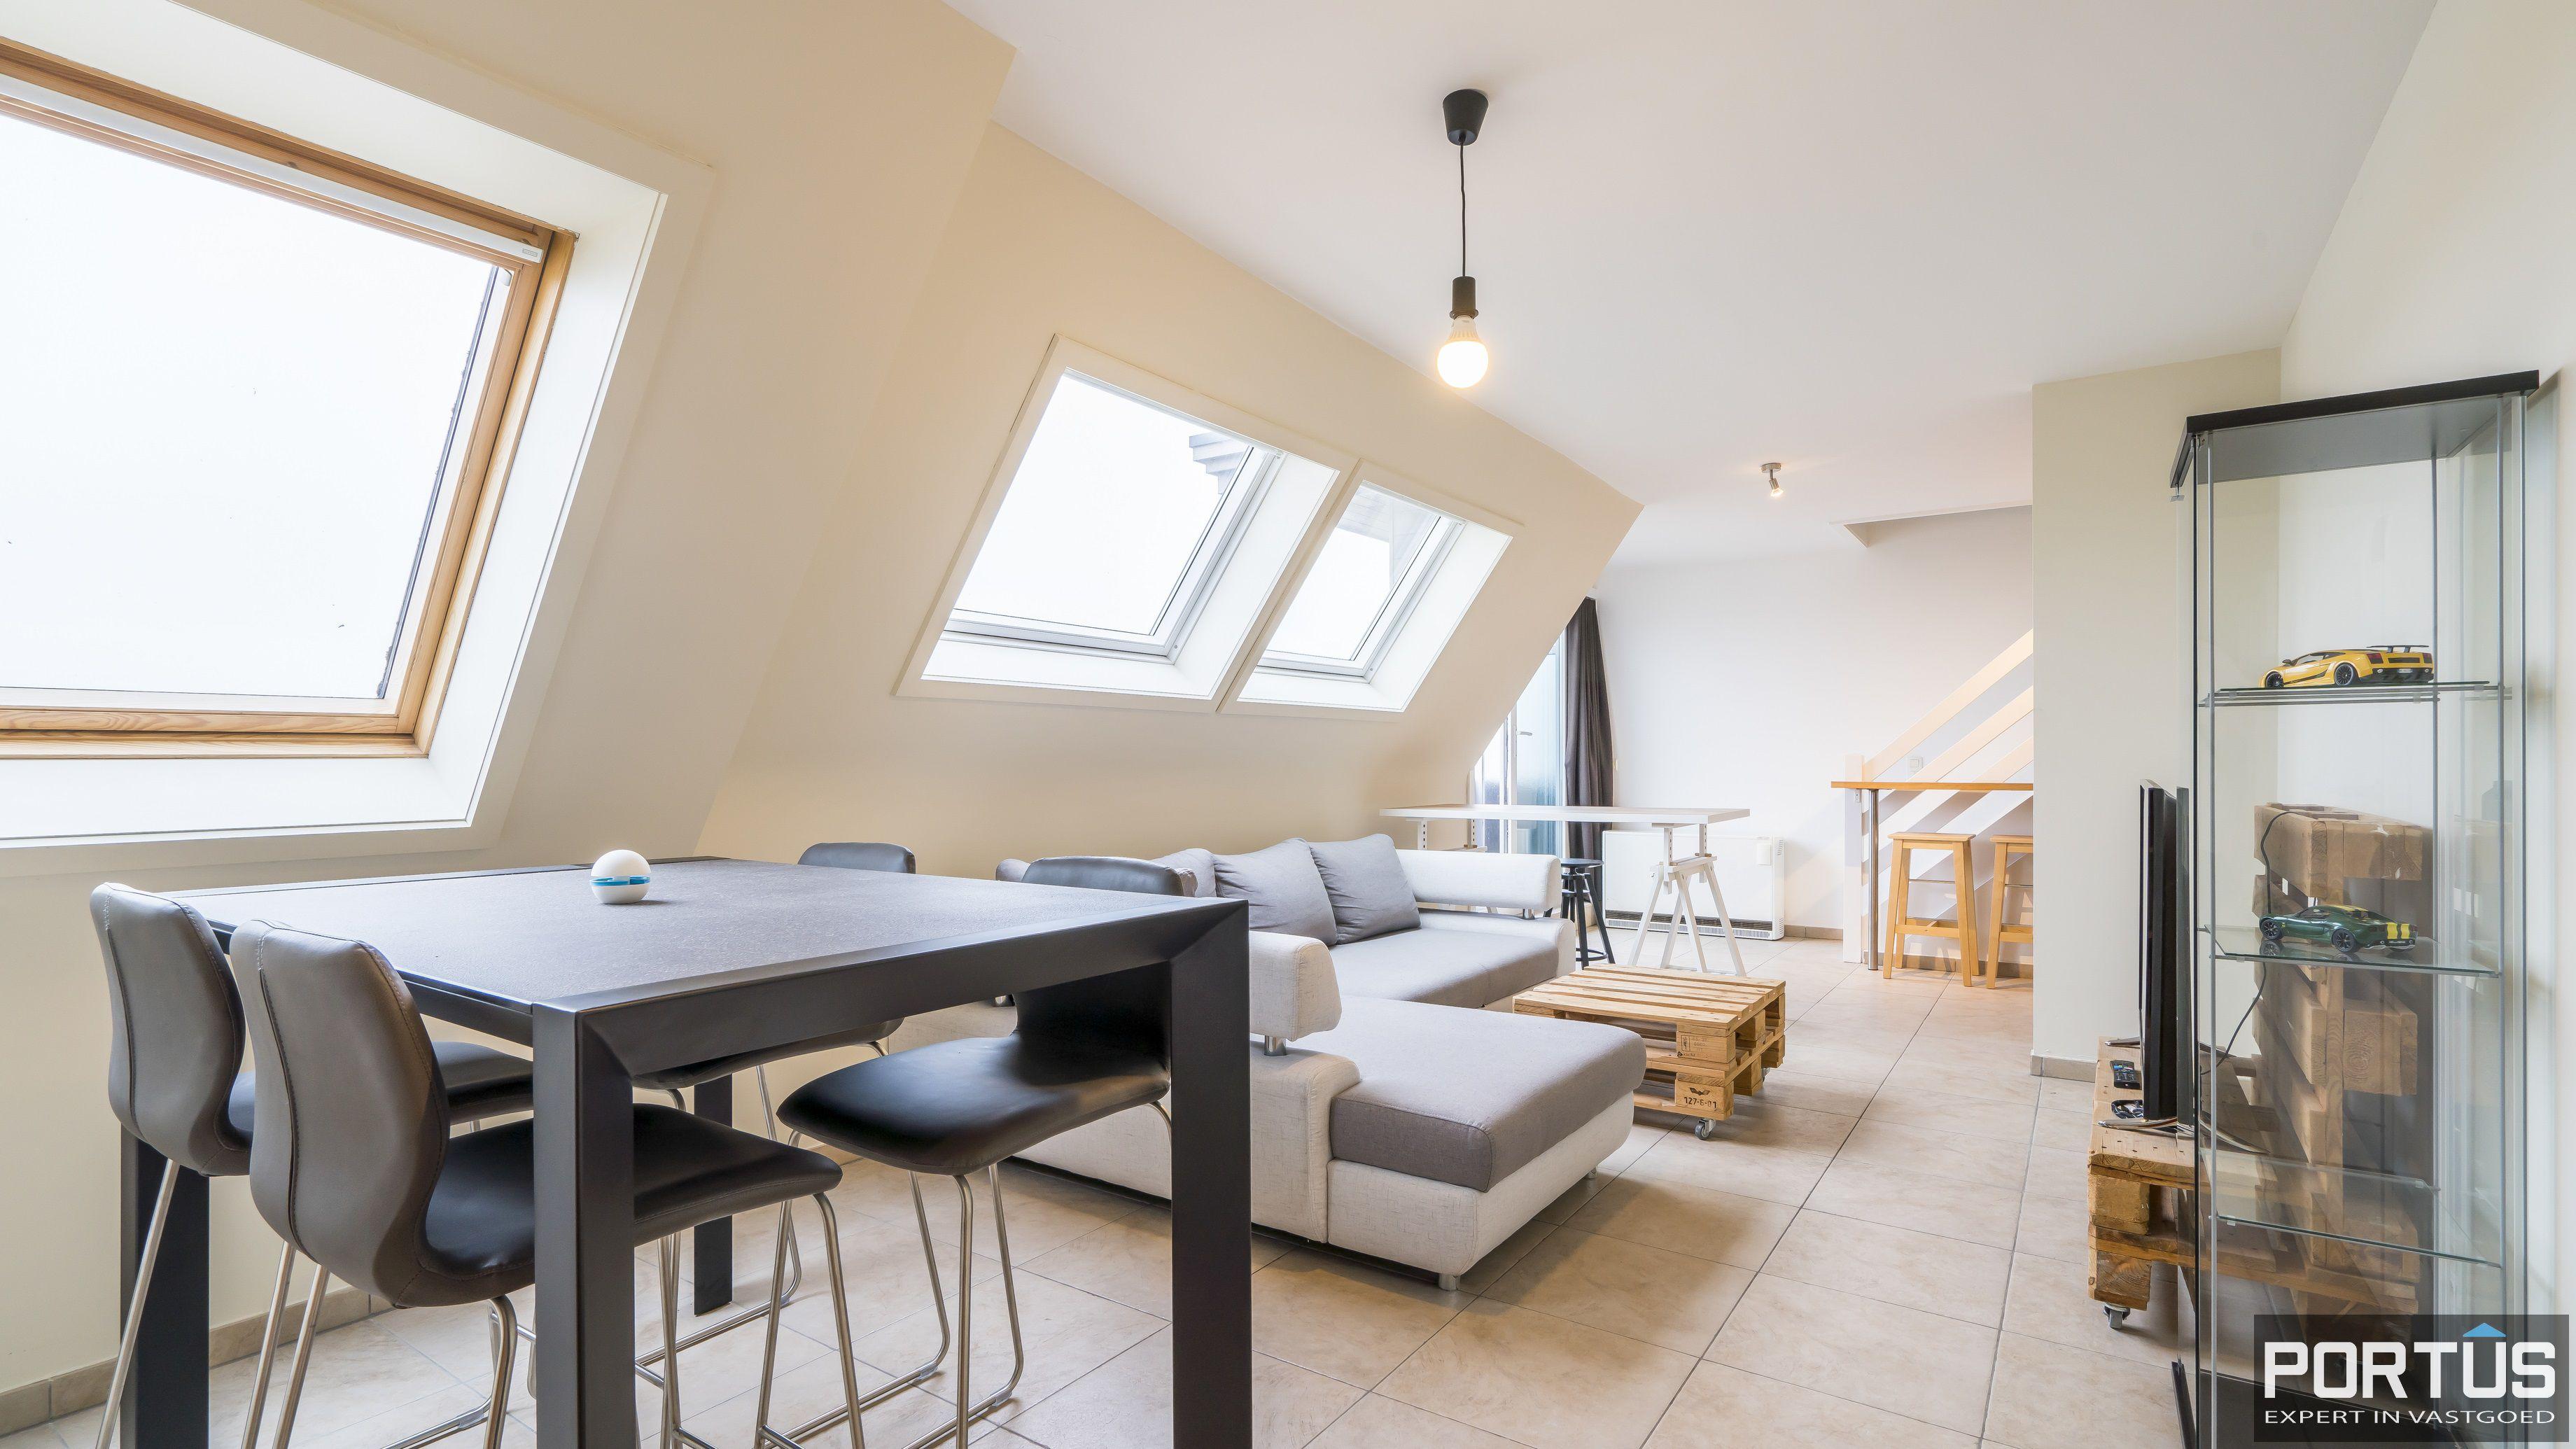 Instapklaar zongericht appartement met 1 slaapkamer te koop te Nieuwpoort - 11462